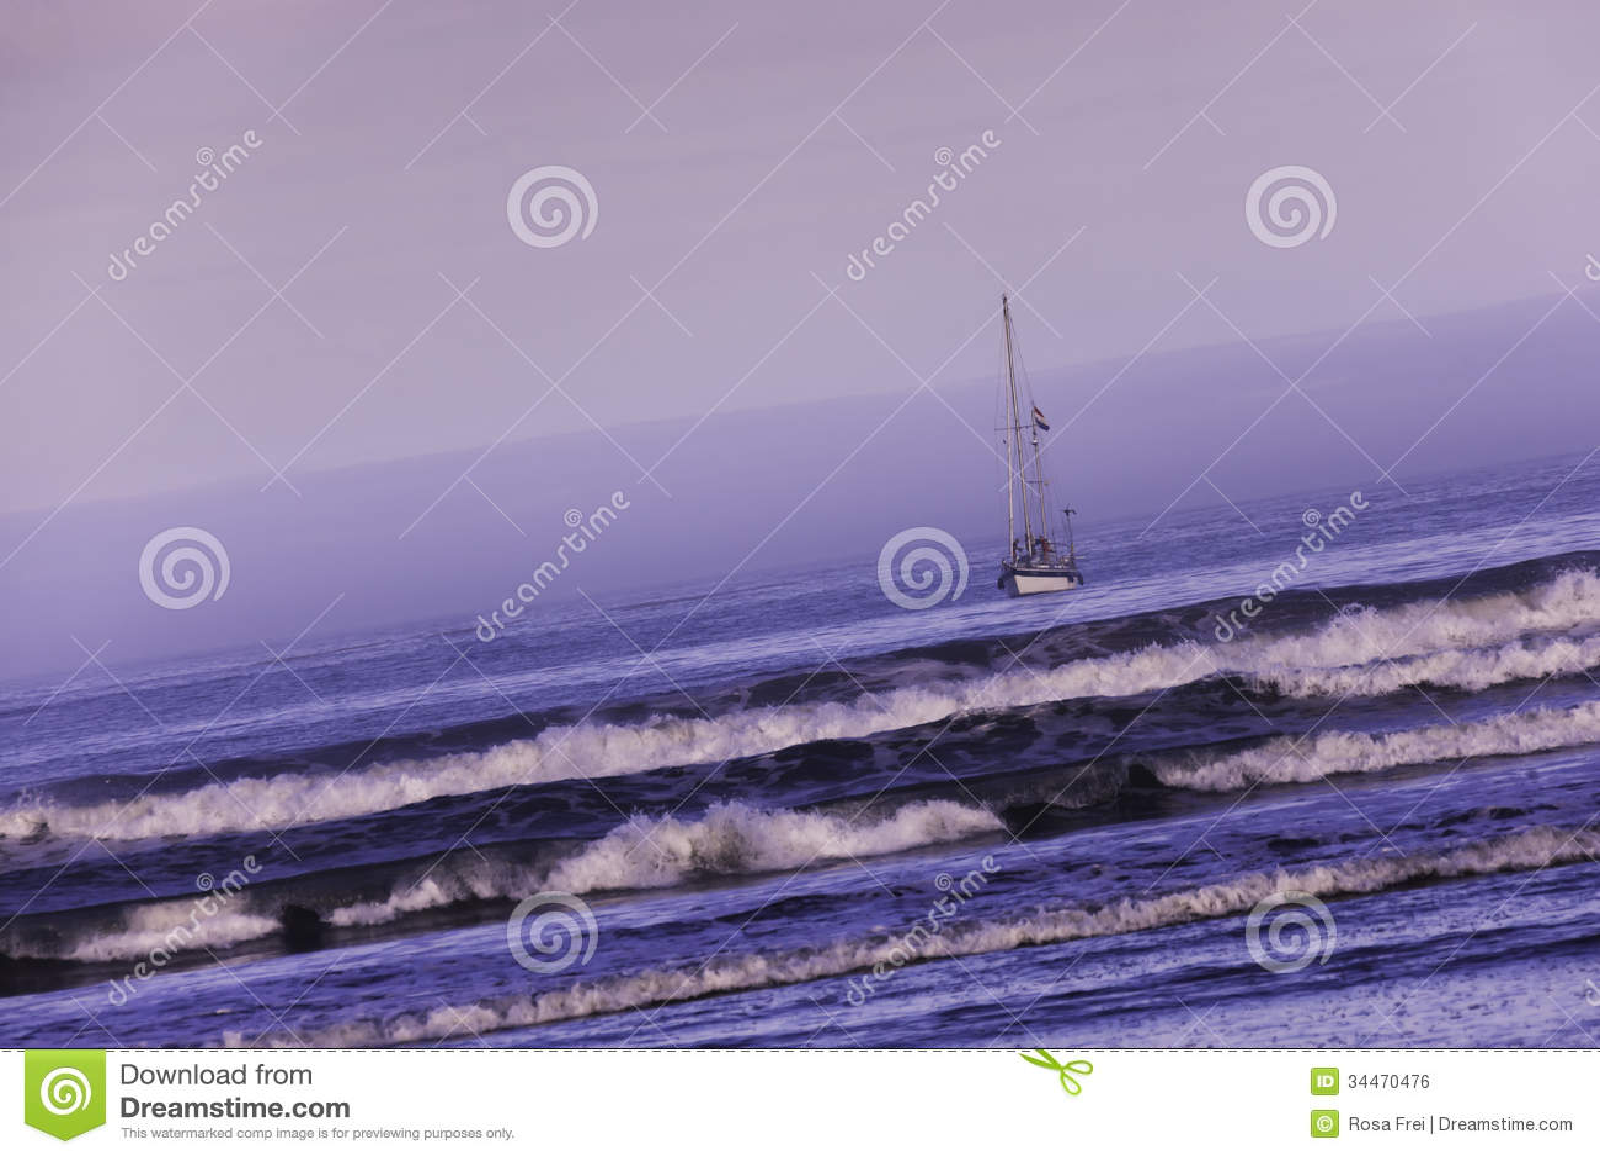 Barco de navegación en el océano en el amanecer.